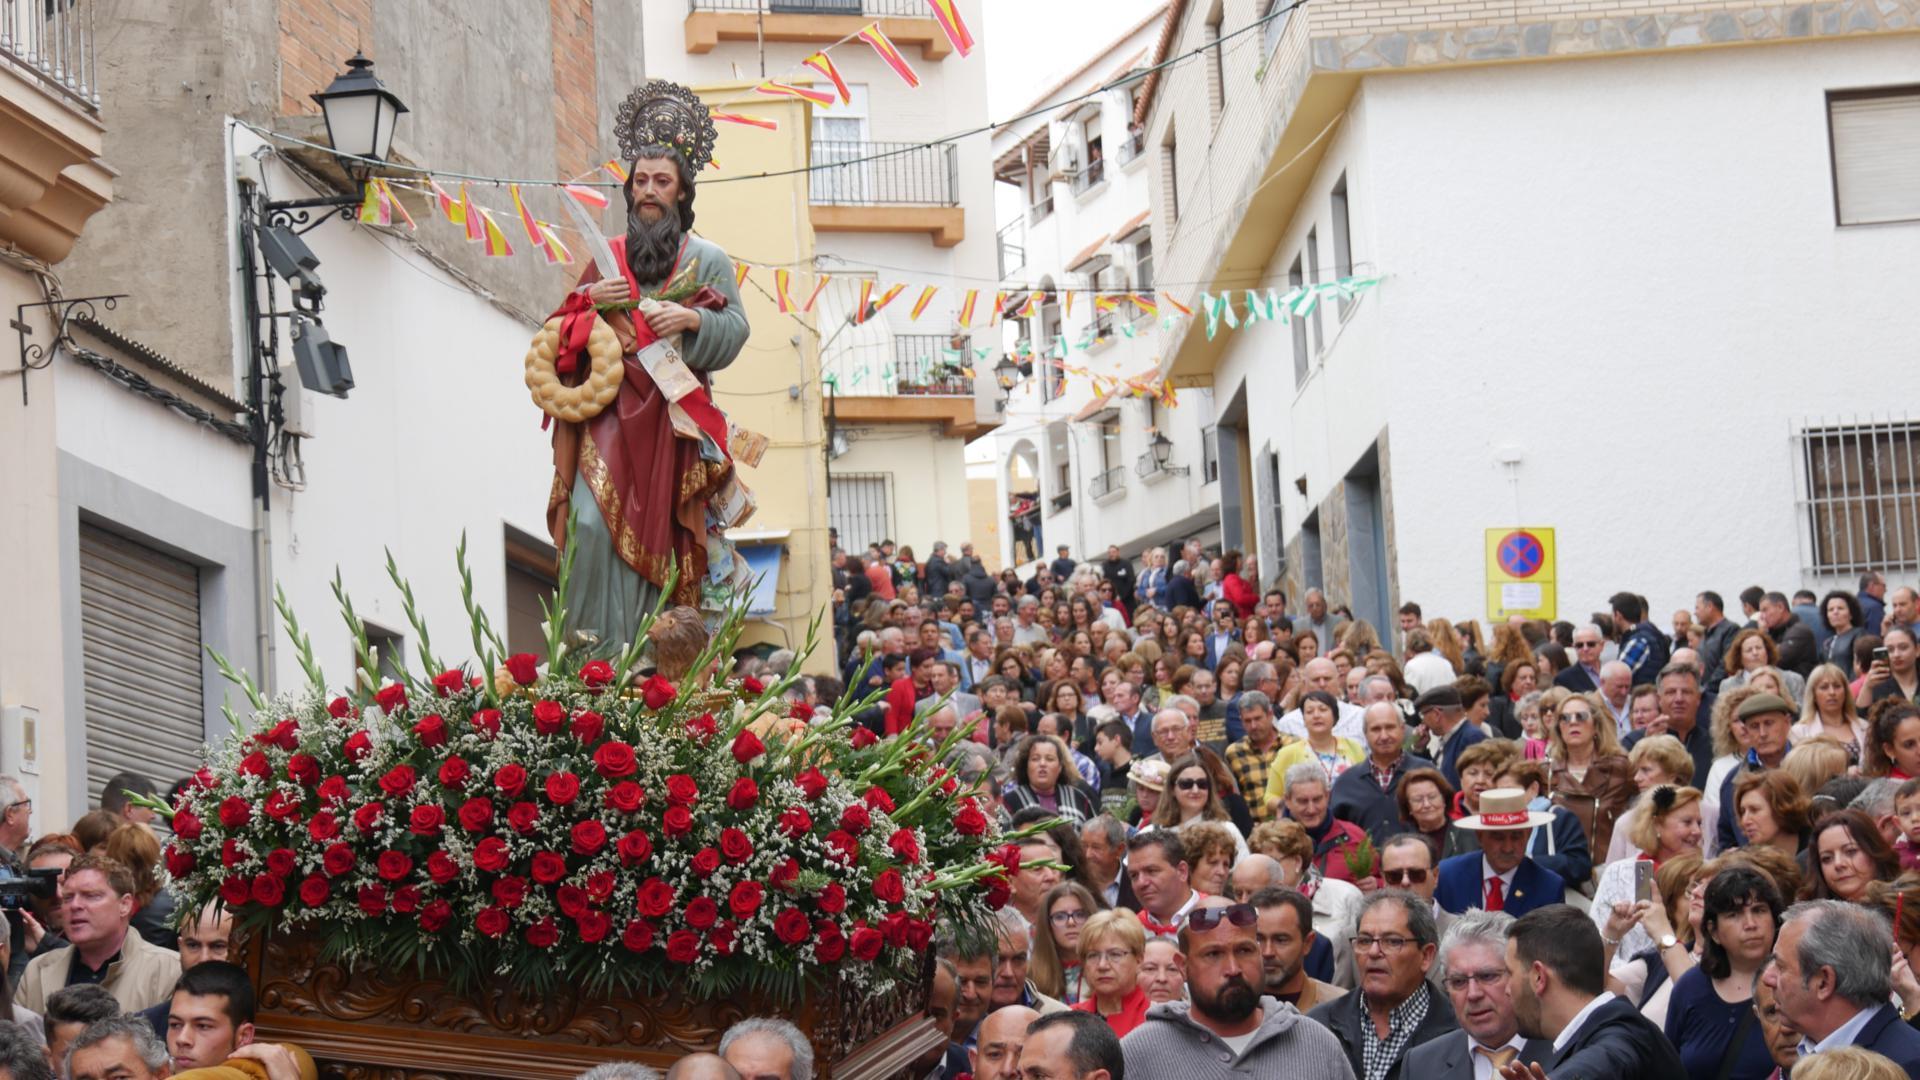 Adra vive con intensidad la celebración de San Marcos